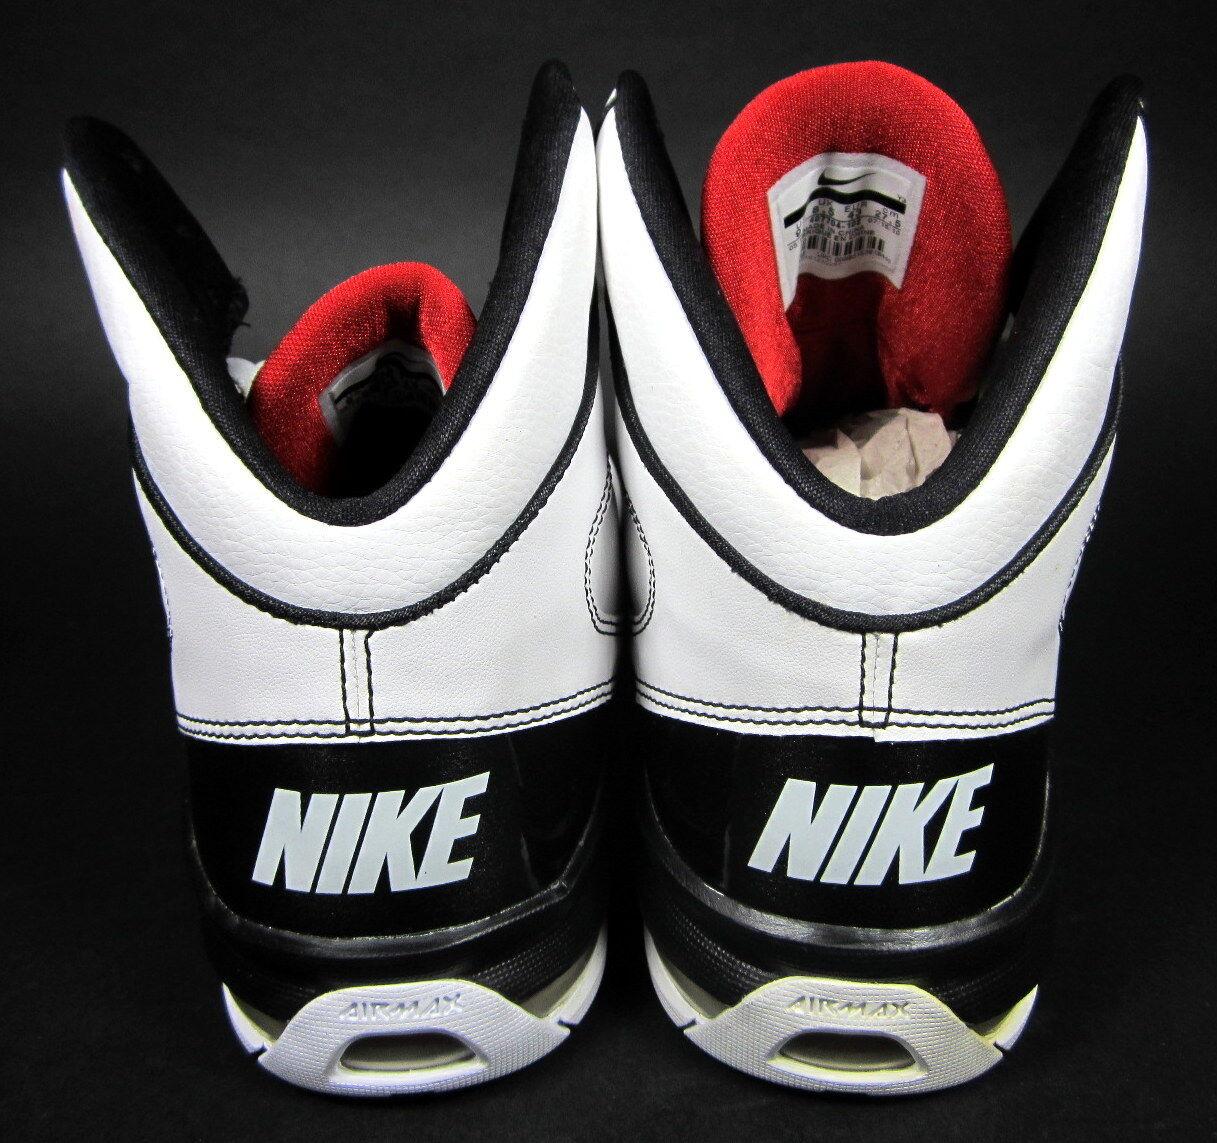 nike air max hochgespielten selten red sportlich weißen schuhe / red selten / schwarze turnschuhe größe 9,5 30a747